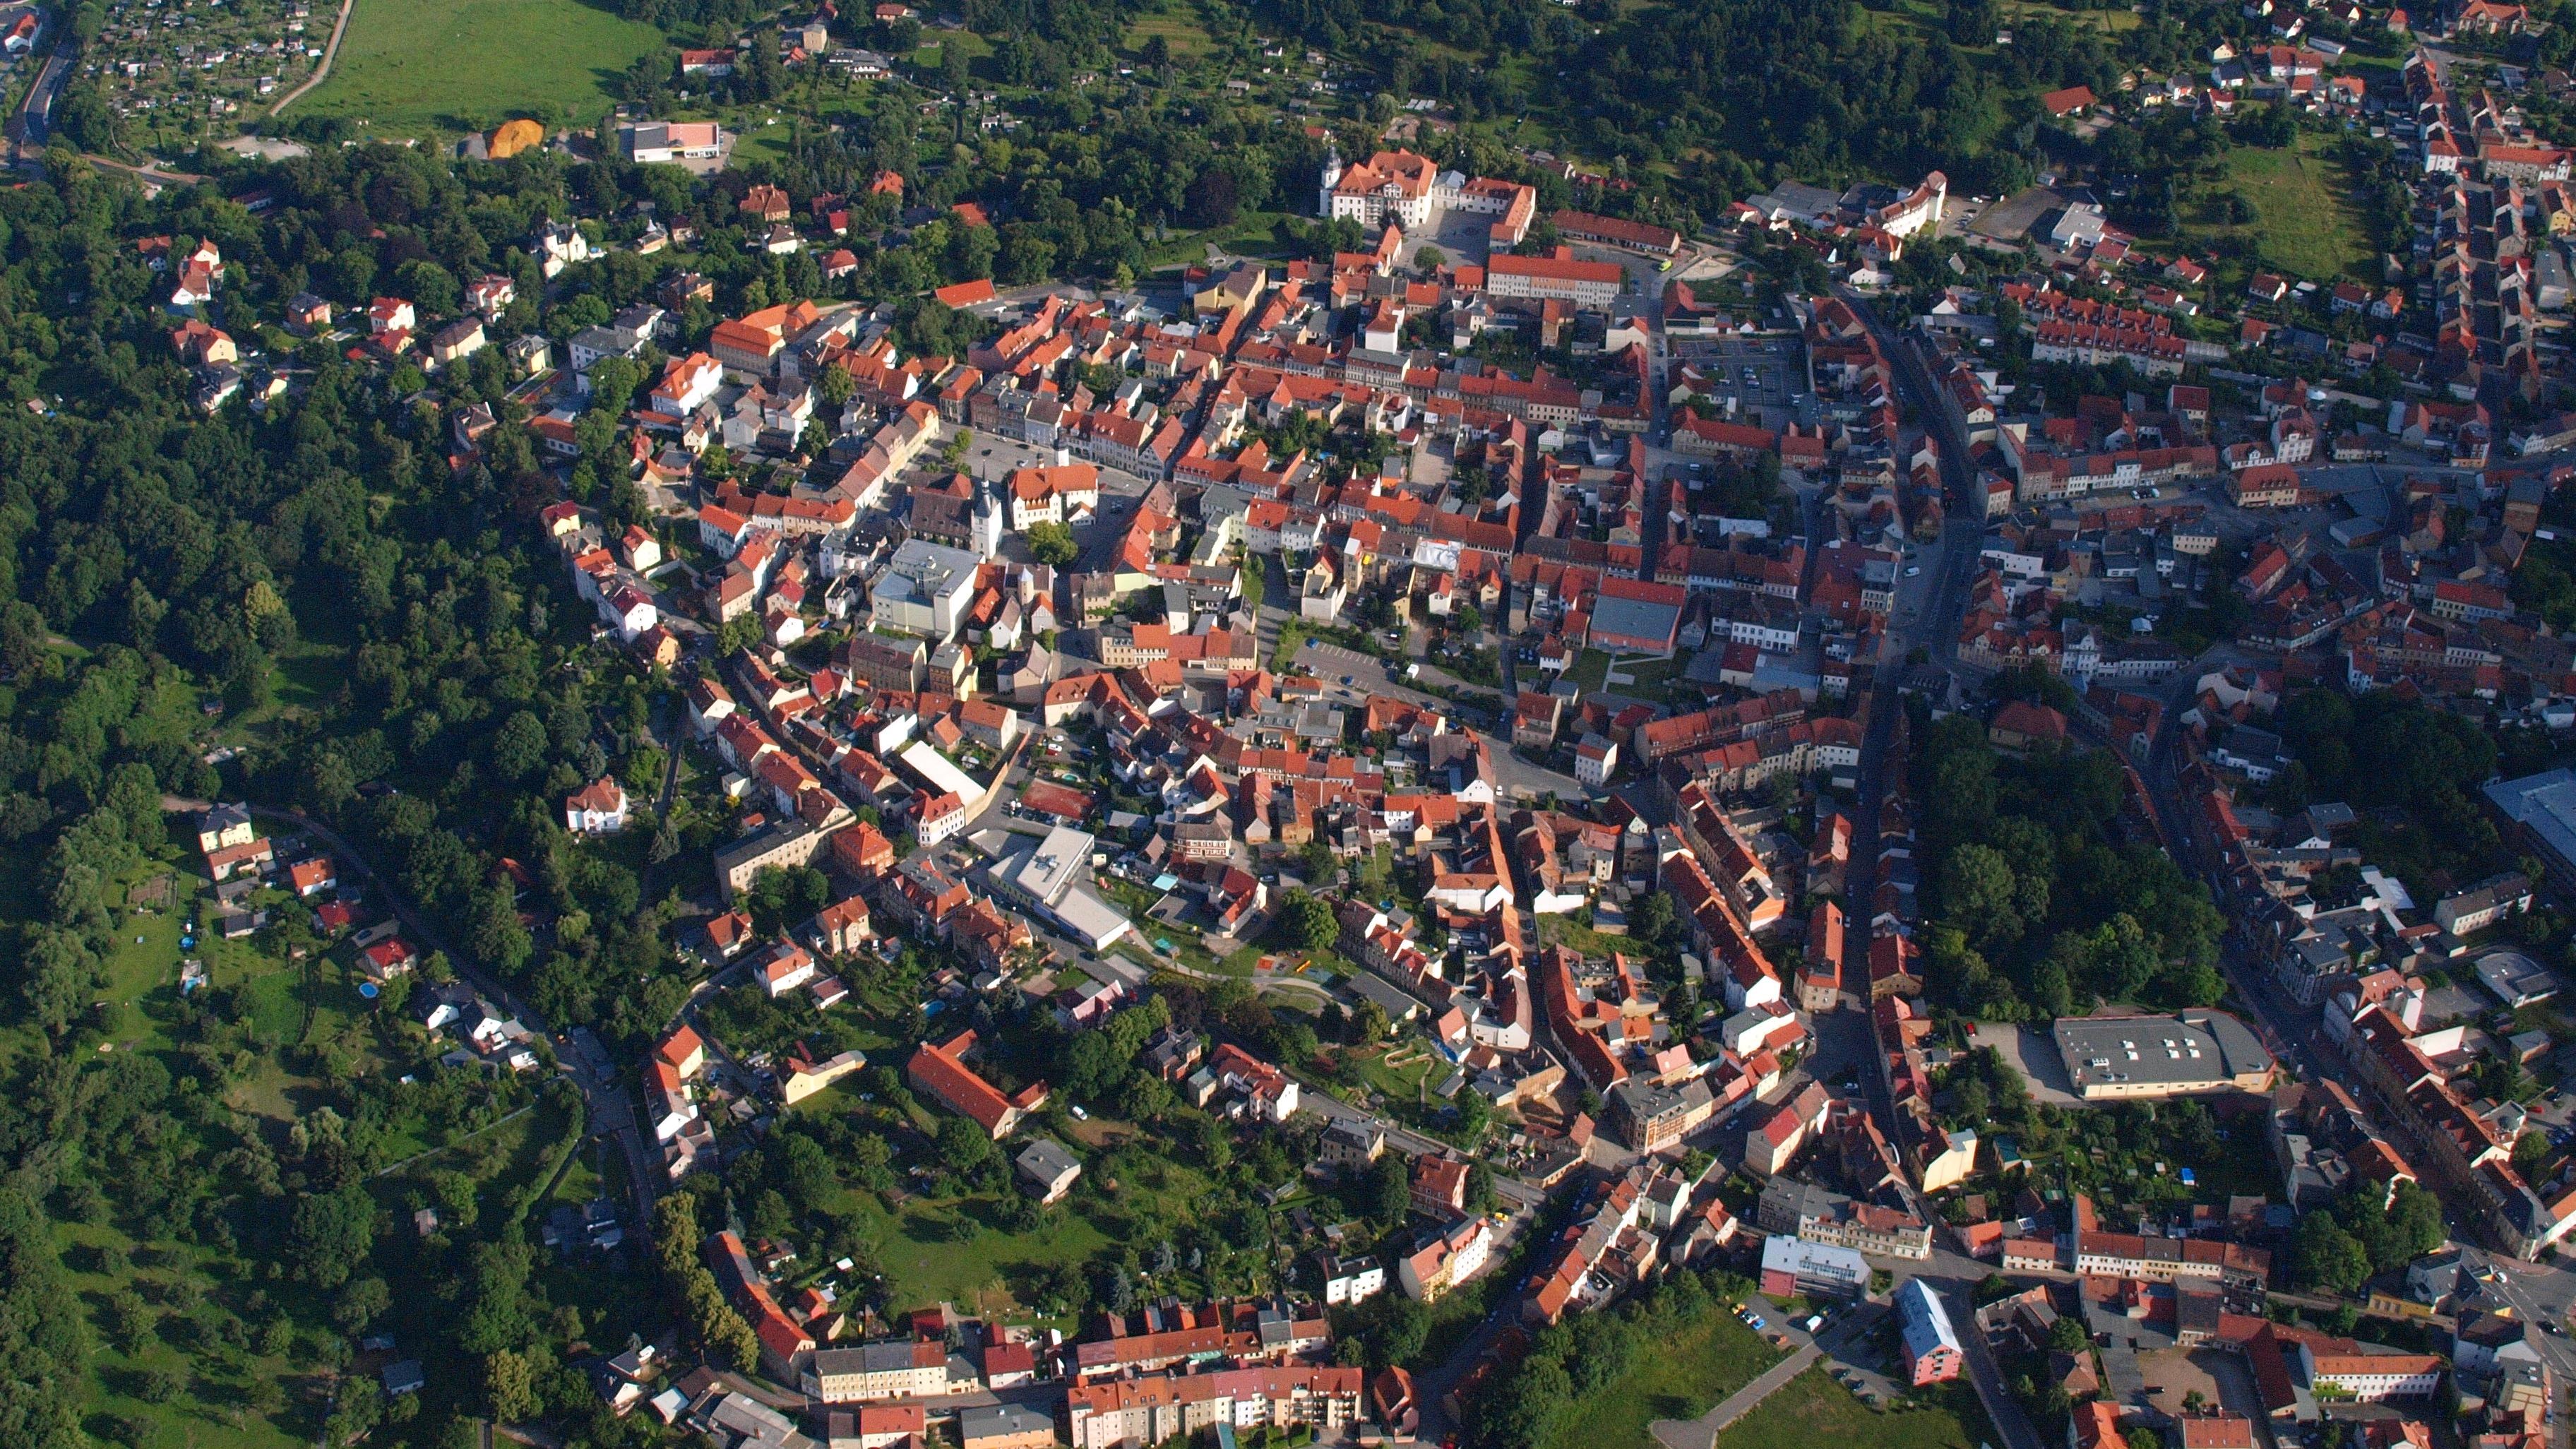 altenburg stadthagen